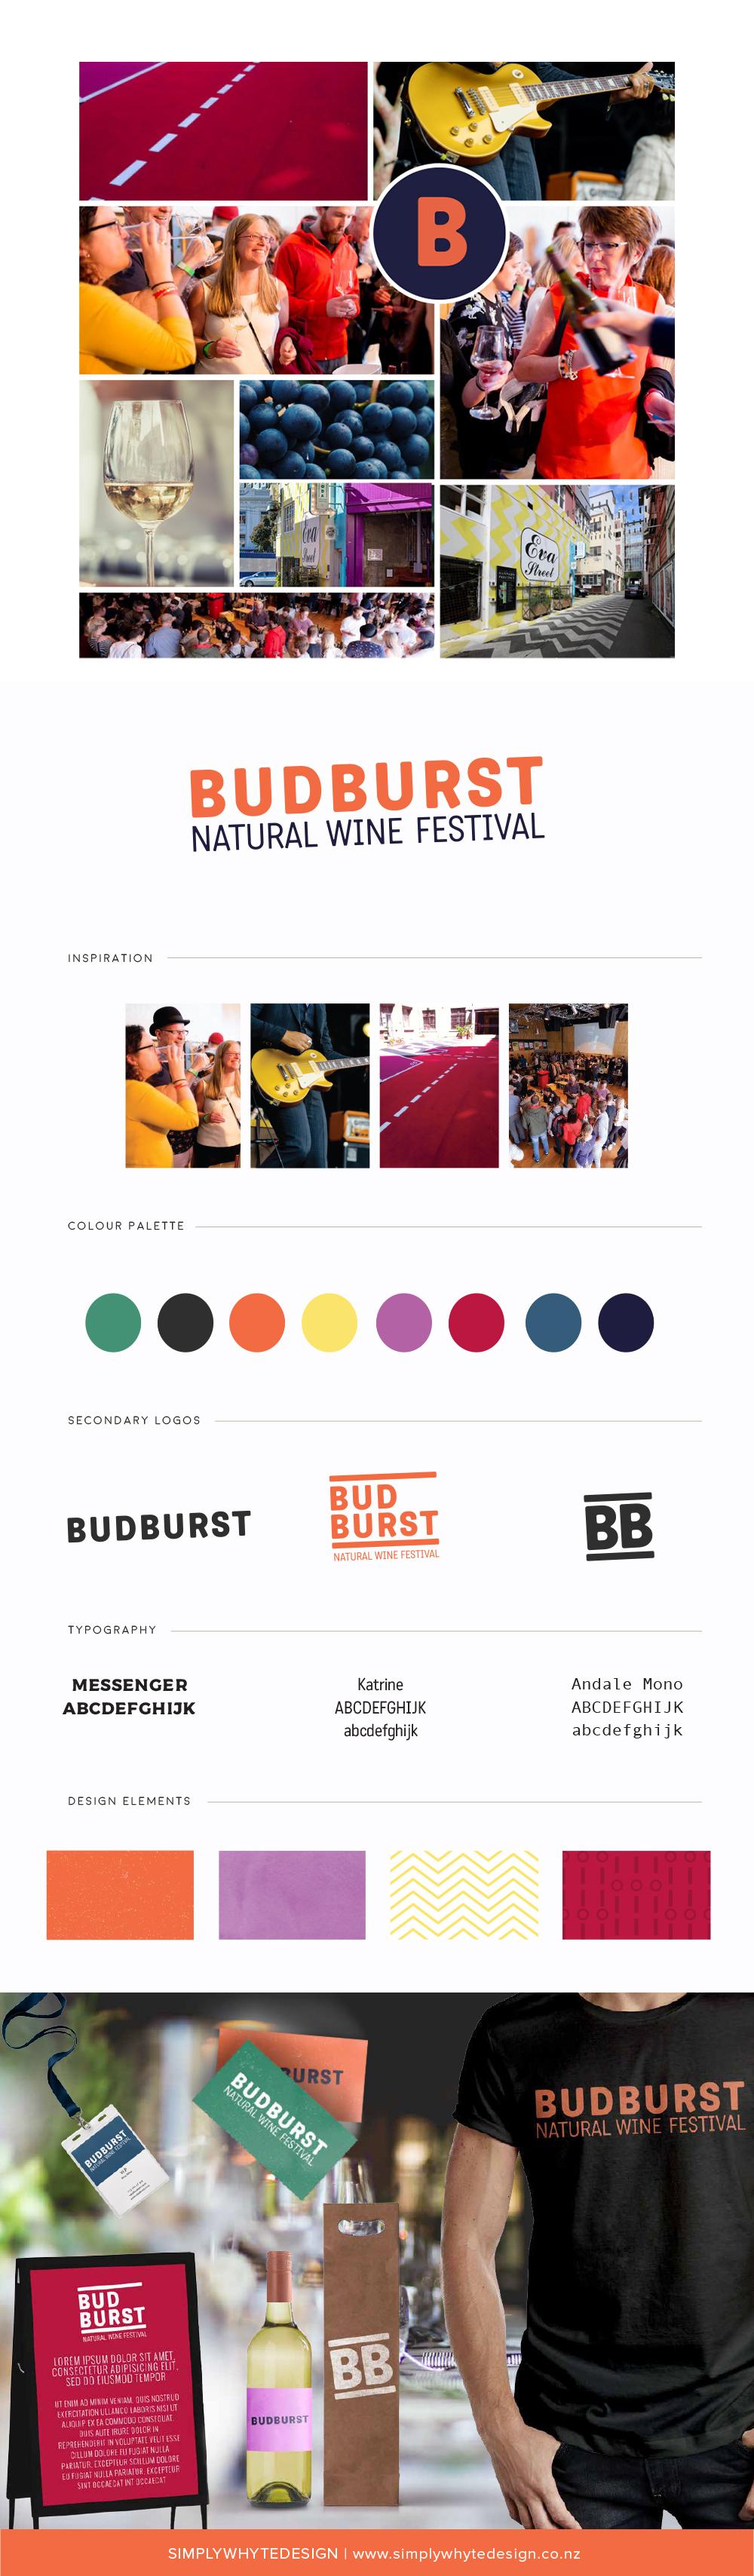 Bud_burst_simply_whyte_design_branding.jpg